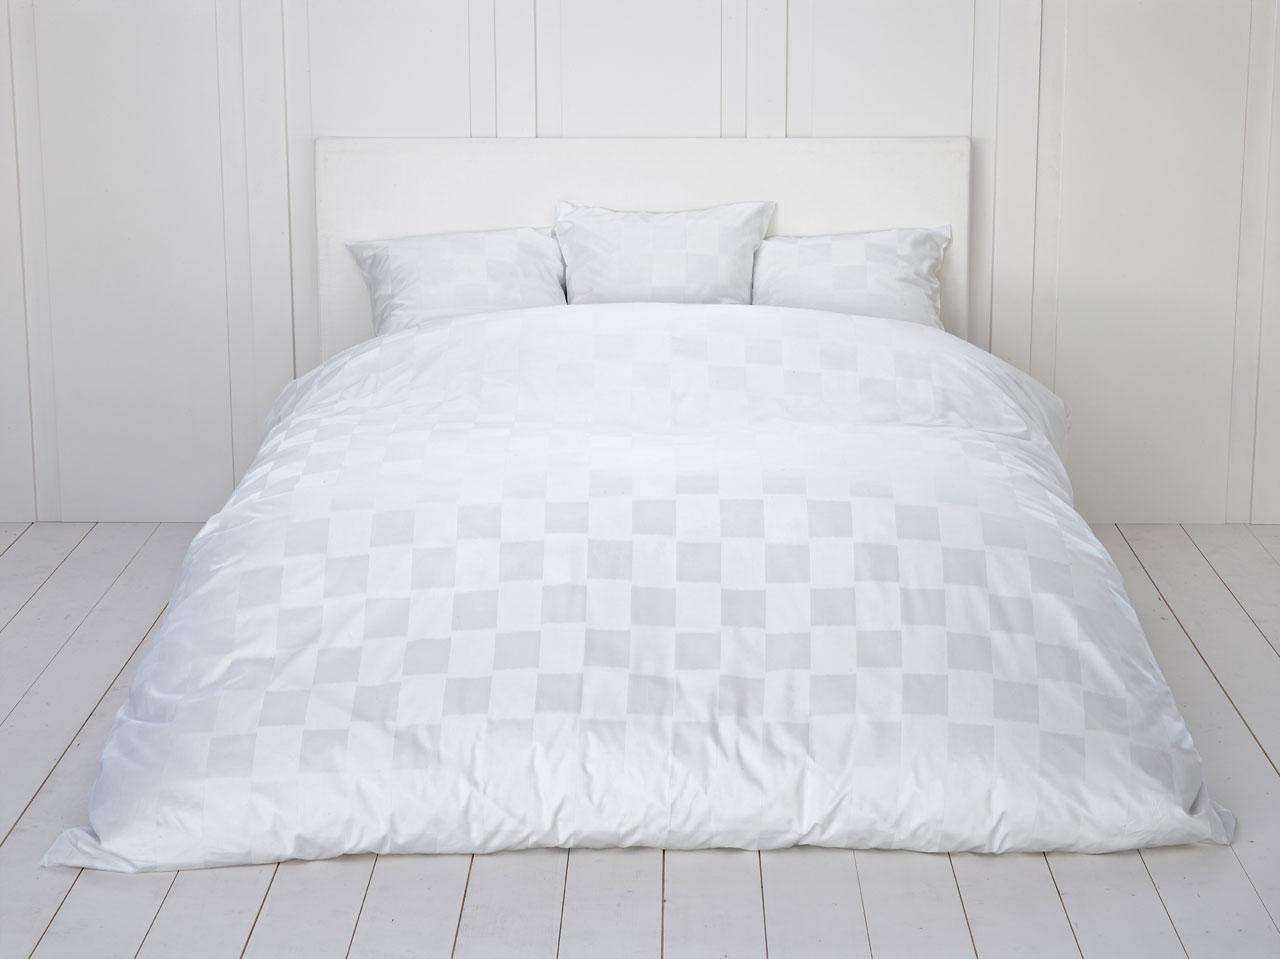 Alberto bargna rappresentanze biancheria da letto fischbacher - Biancheria da letto ...